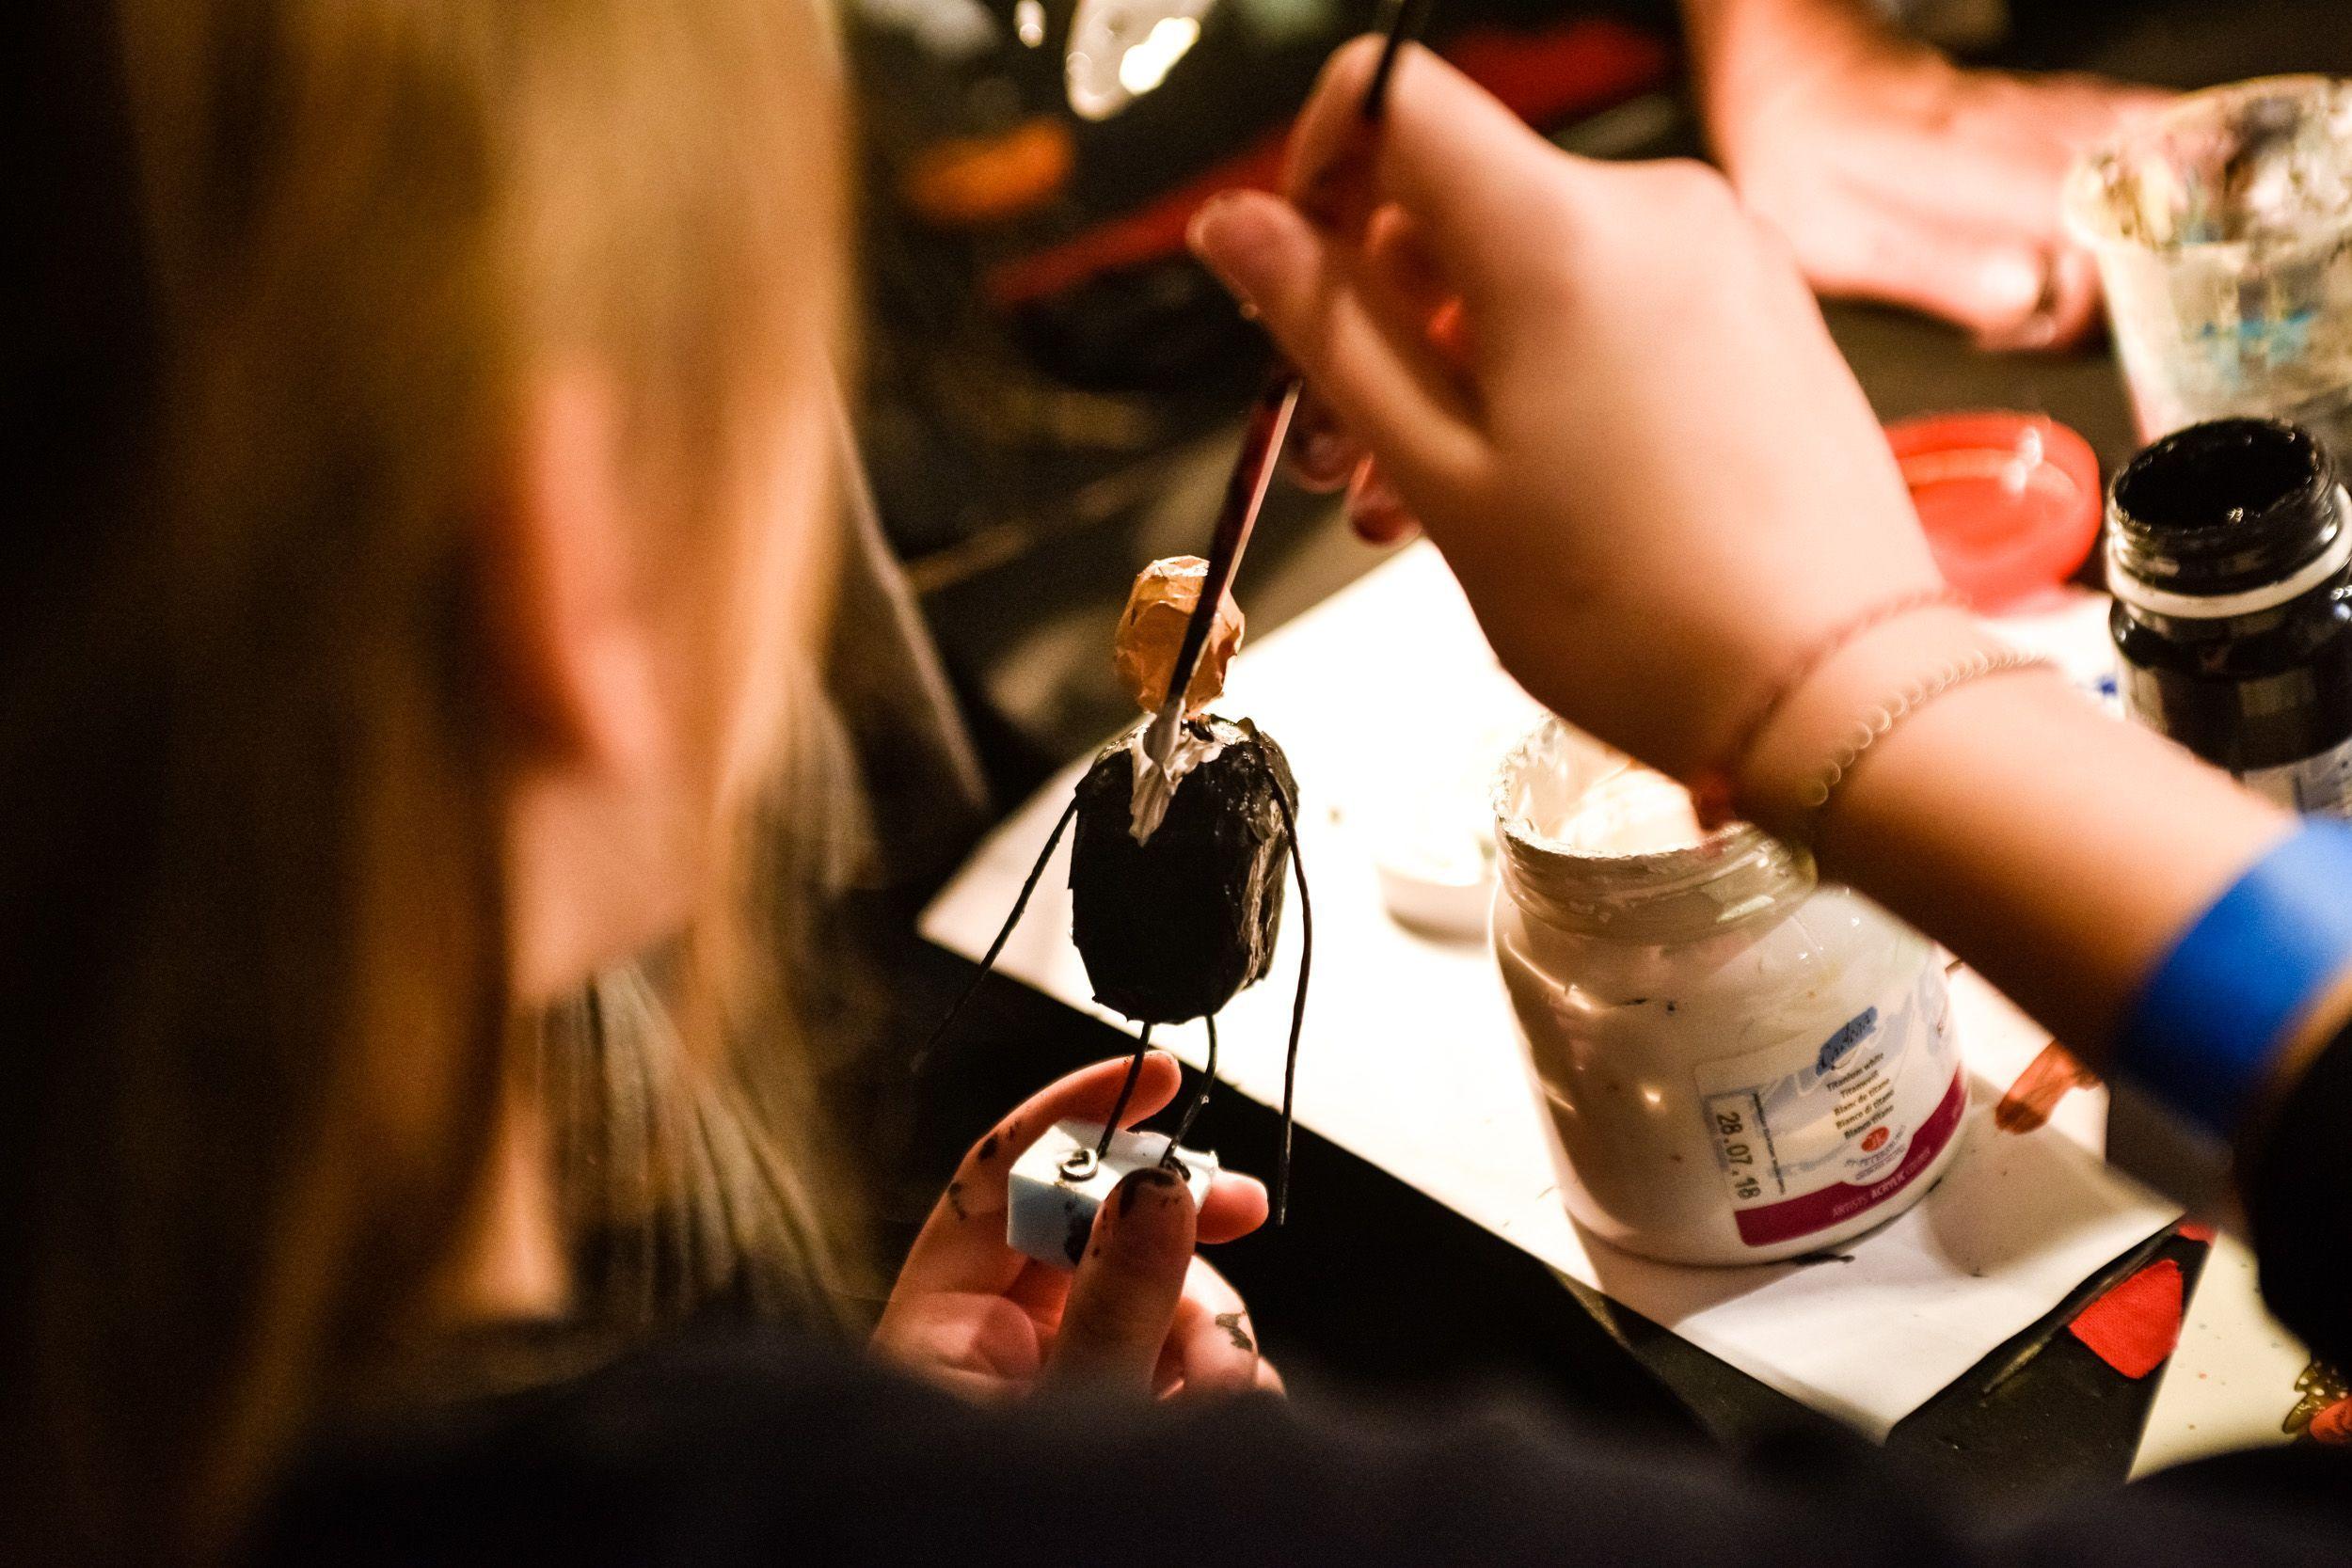 Все желающие смогут посетить мастер-класс. Фото: Ирина Хлебникова, «Вечерняя Москва»